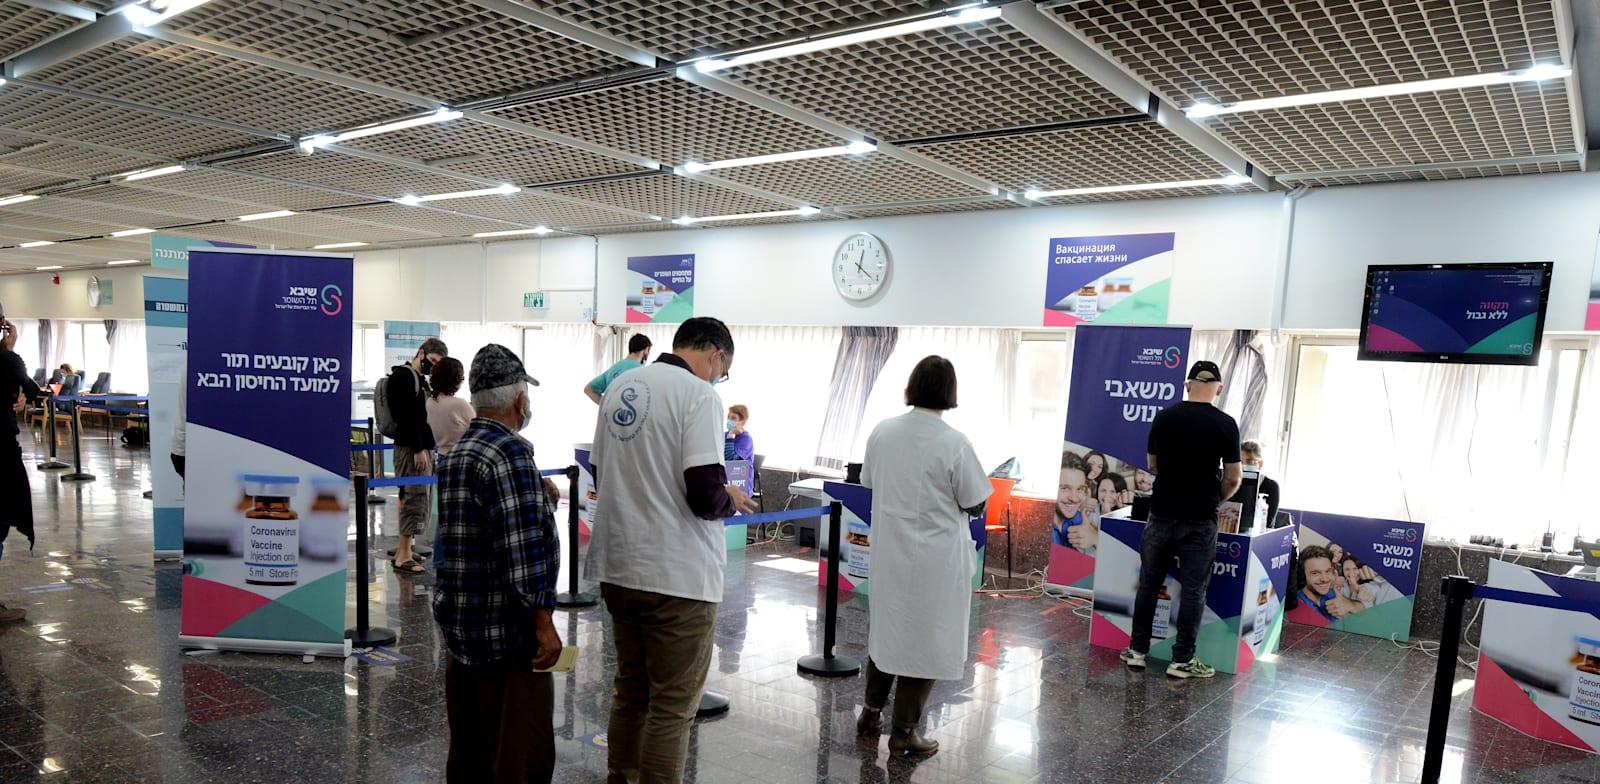 700 אלף מנות חיסון חדשות הגיעו אתמול (א') לישראל / צילום: איל יצהר